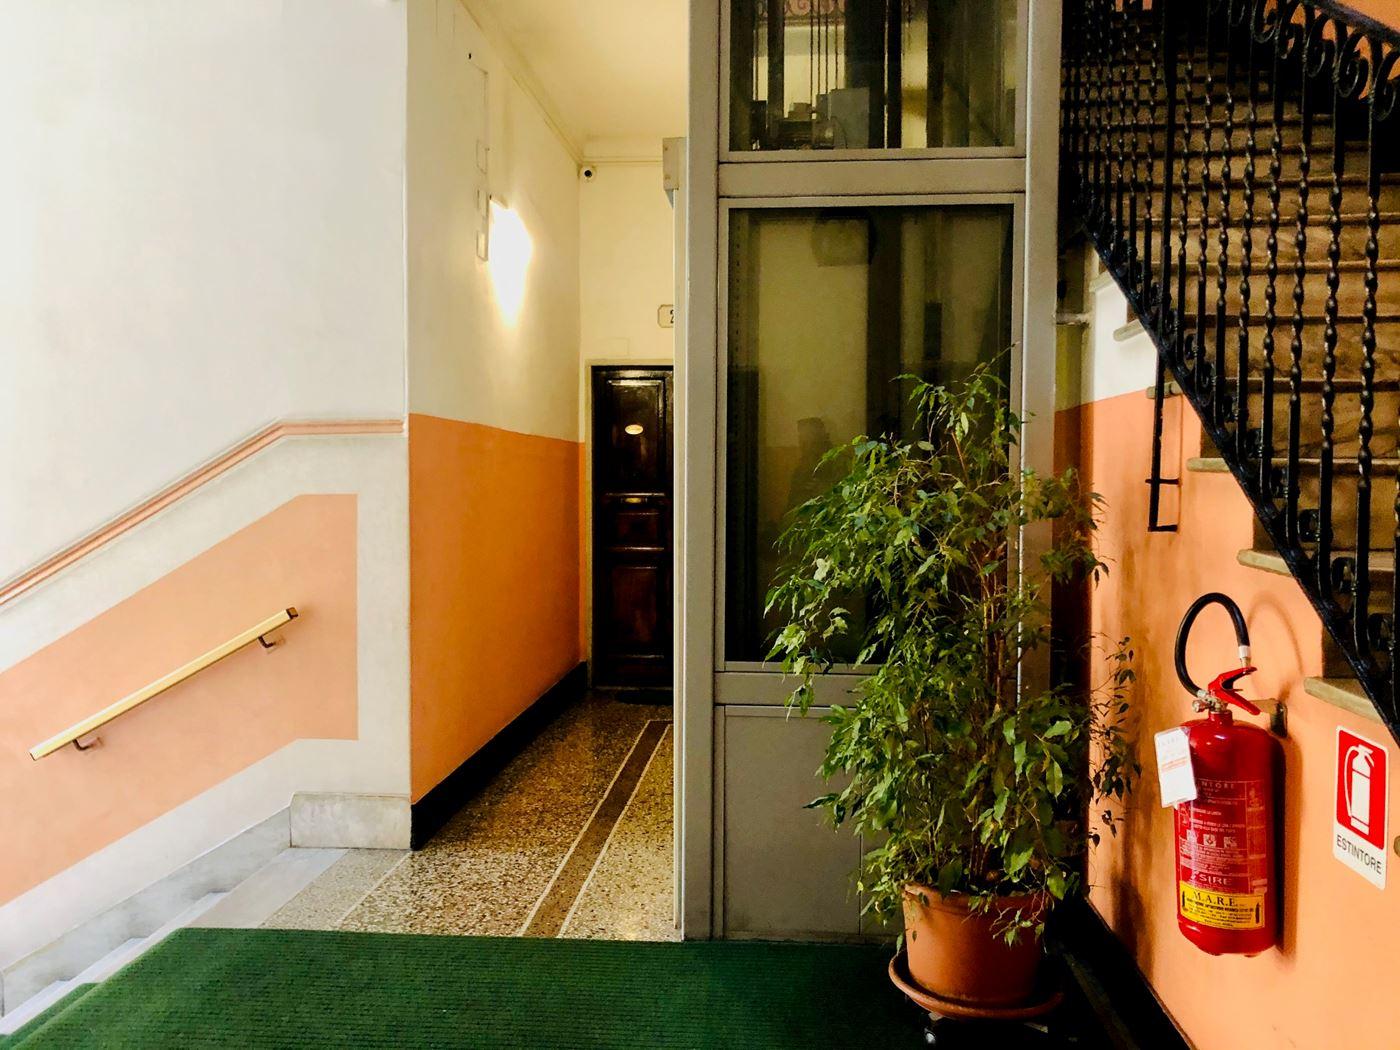 Vendita Porte A Genova appartamento in vendita genova staglieno lungo bisagno is